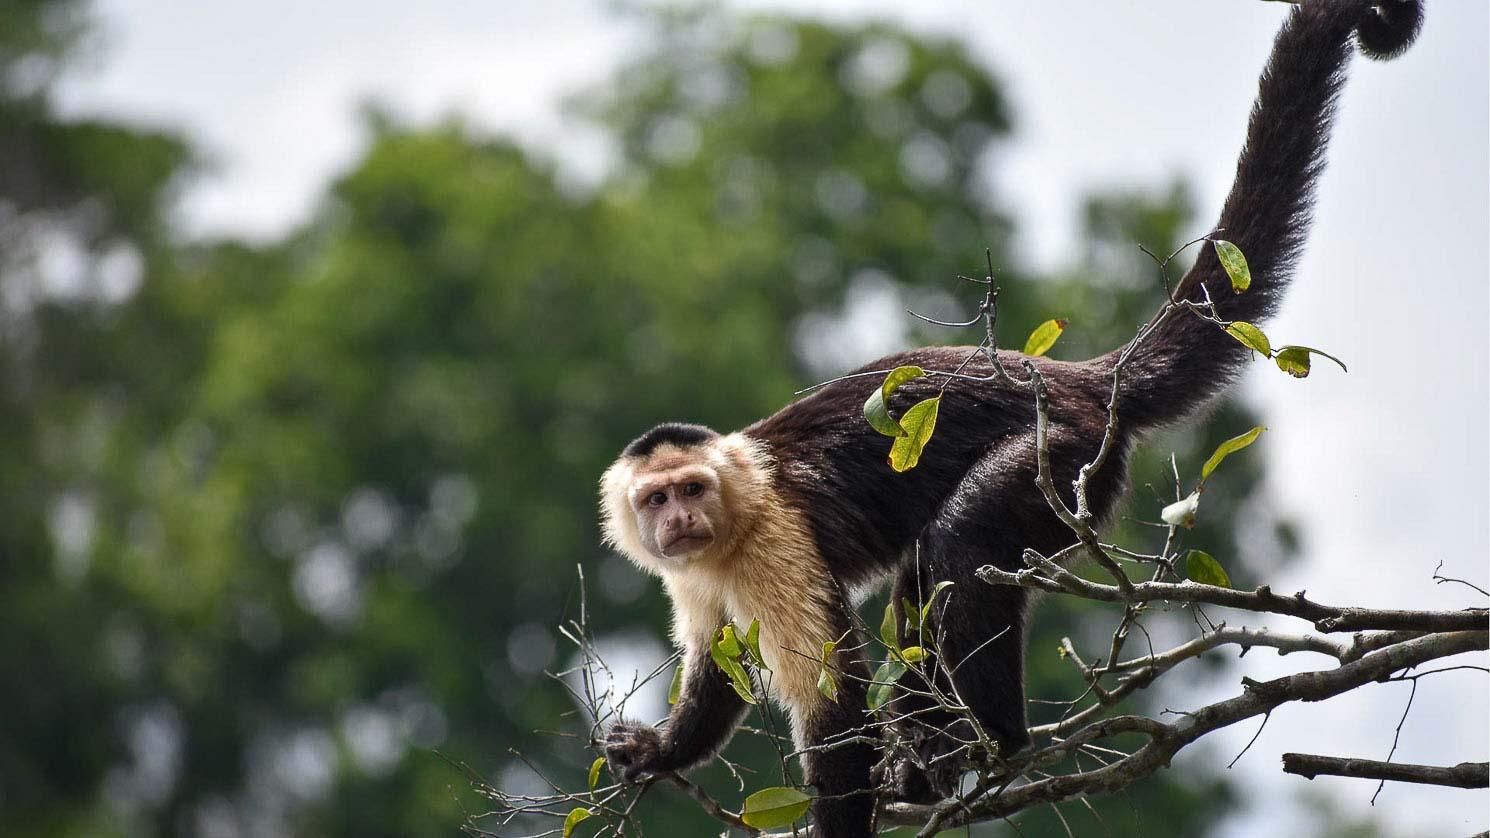 Monkey tour in Panama, Capuchin monkey on Monkey Island.